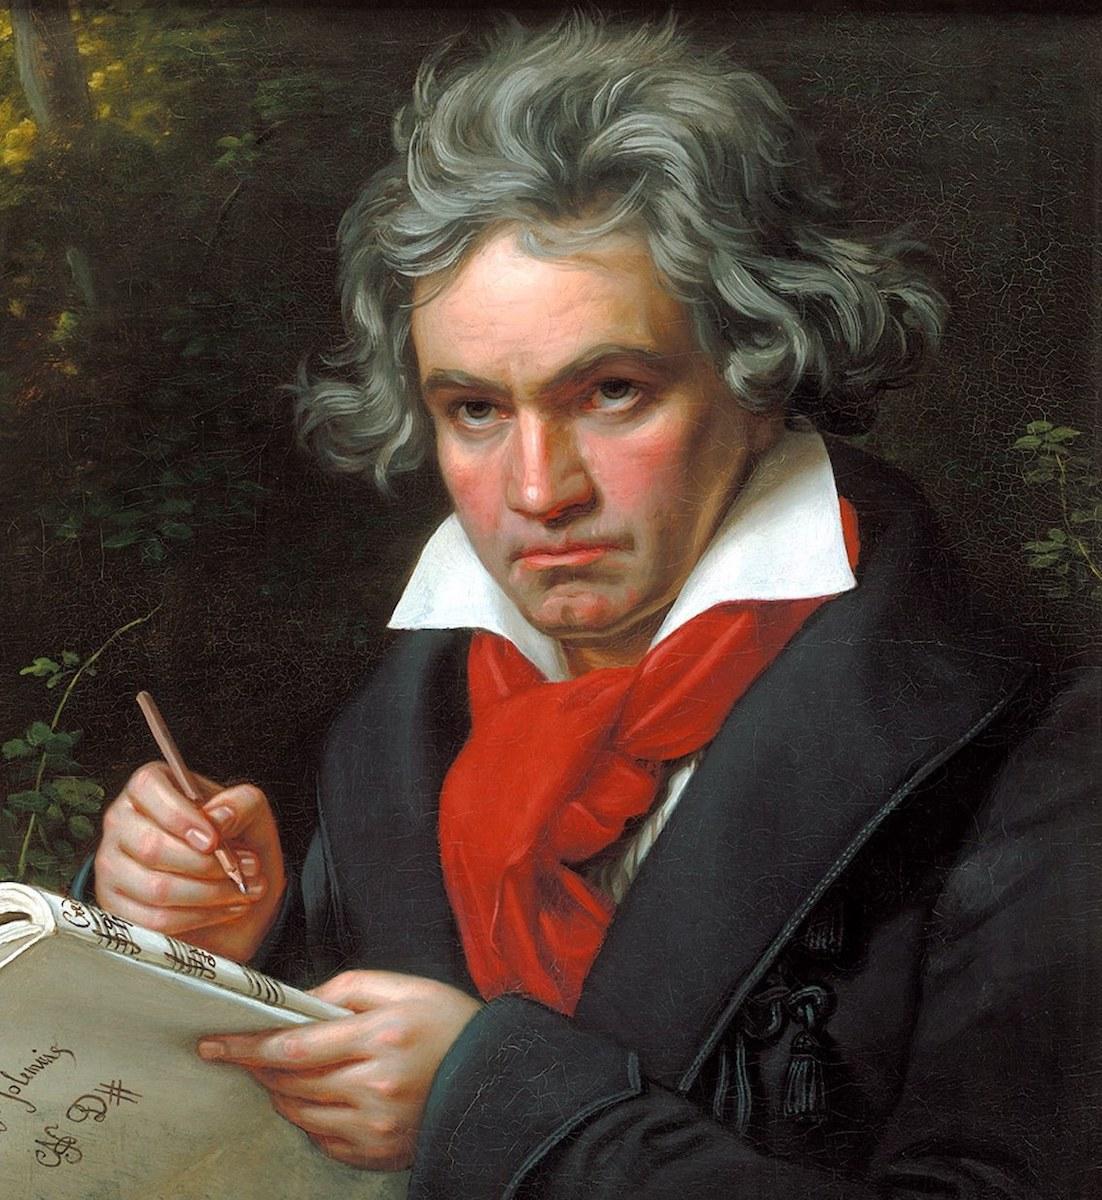 Tajomstvo talentovaného umelca